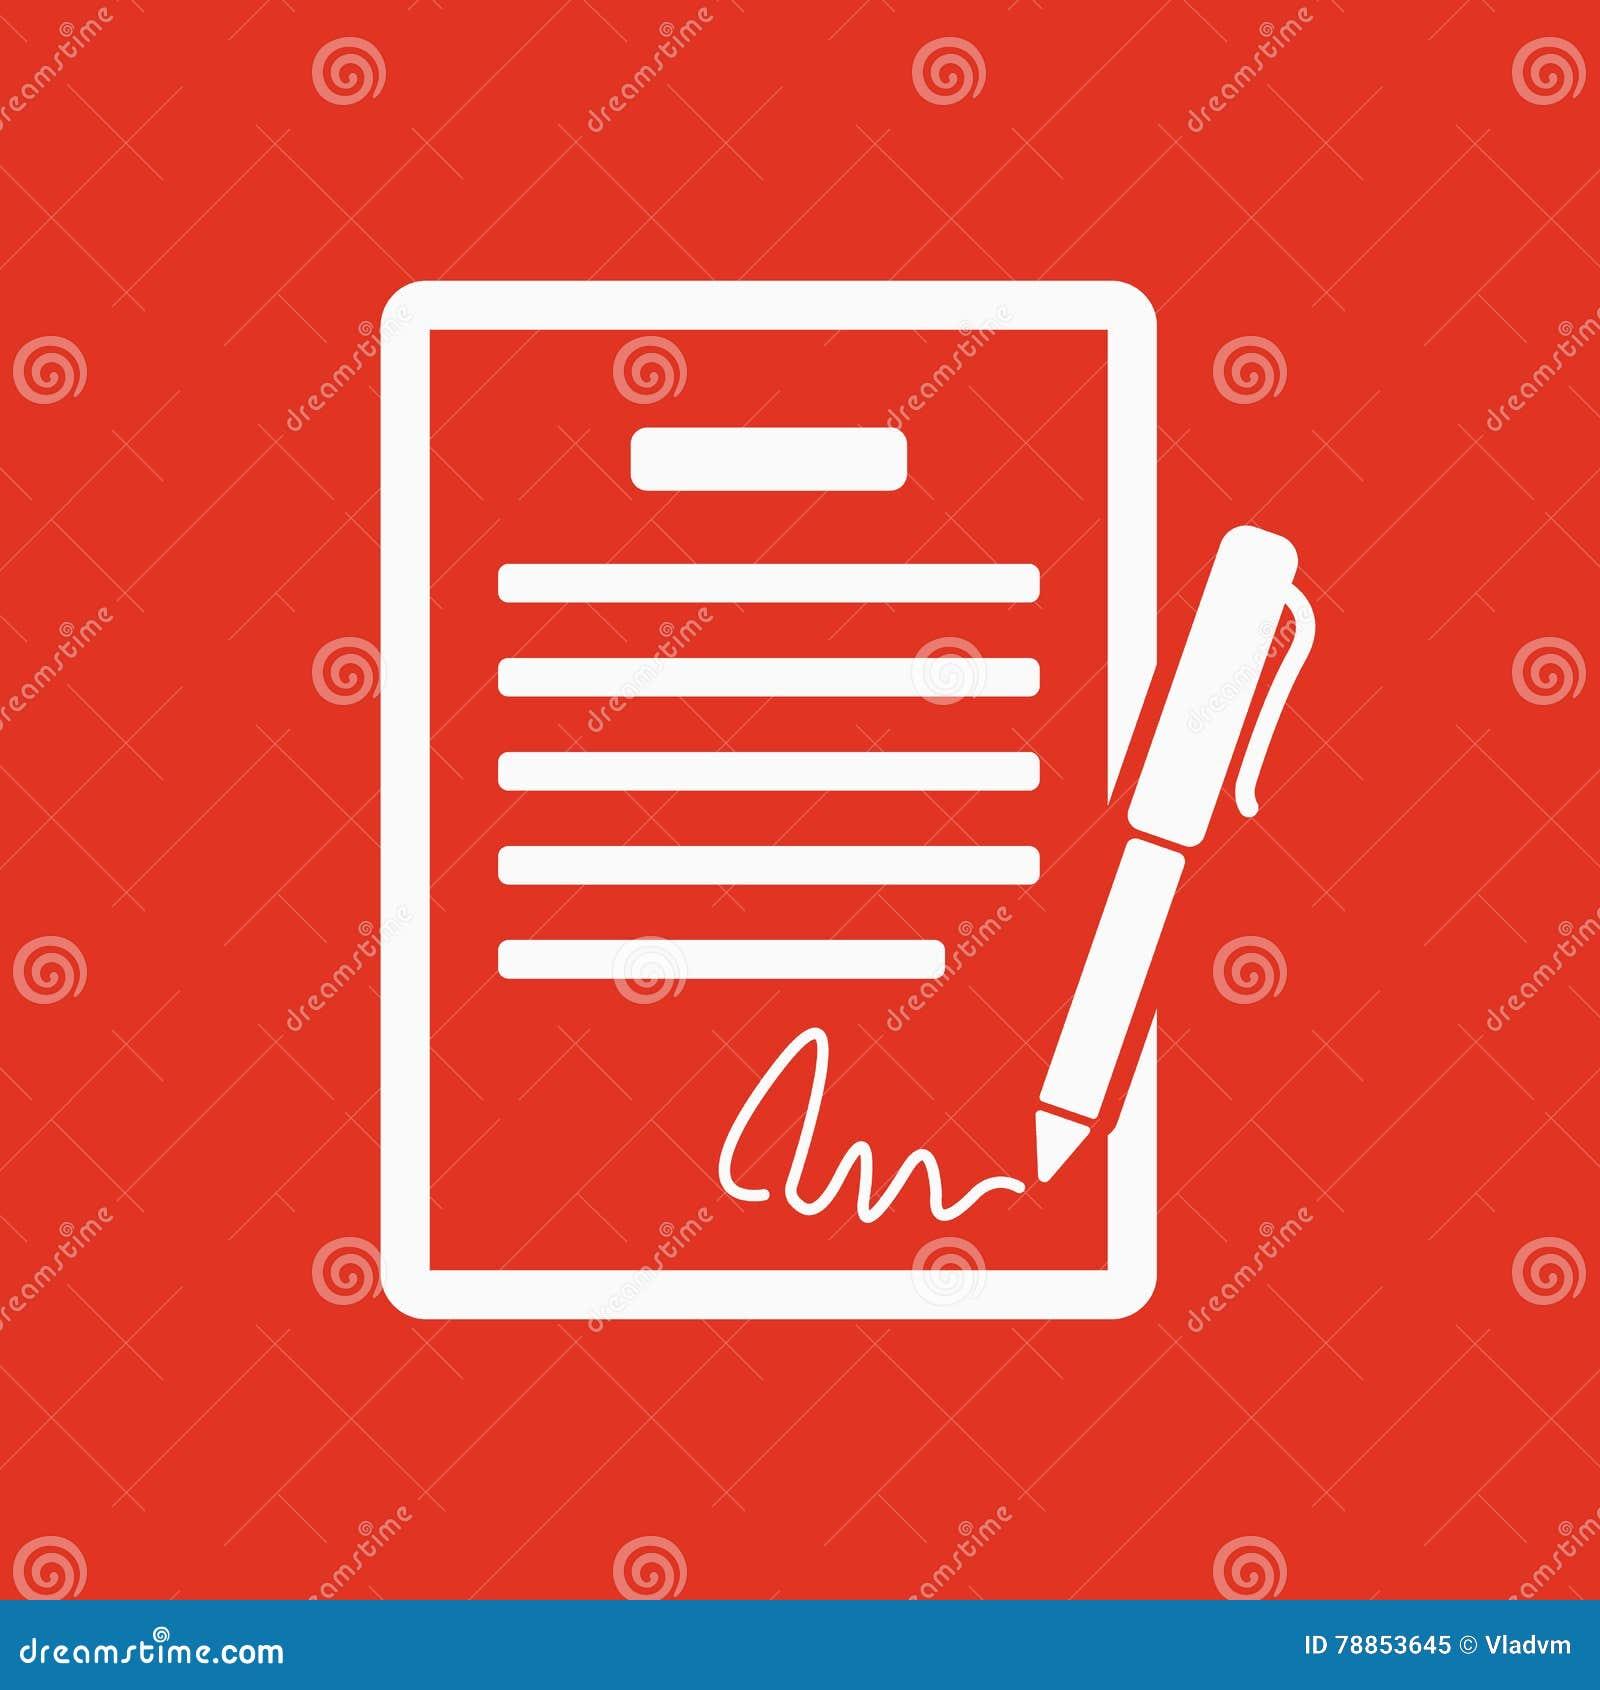 Die Vertragsikone Vereinbarung und Unterzeichnung, Pakt, Abkommen, Versammlungssymbol flach